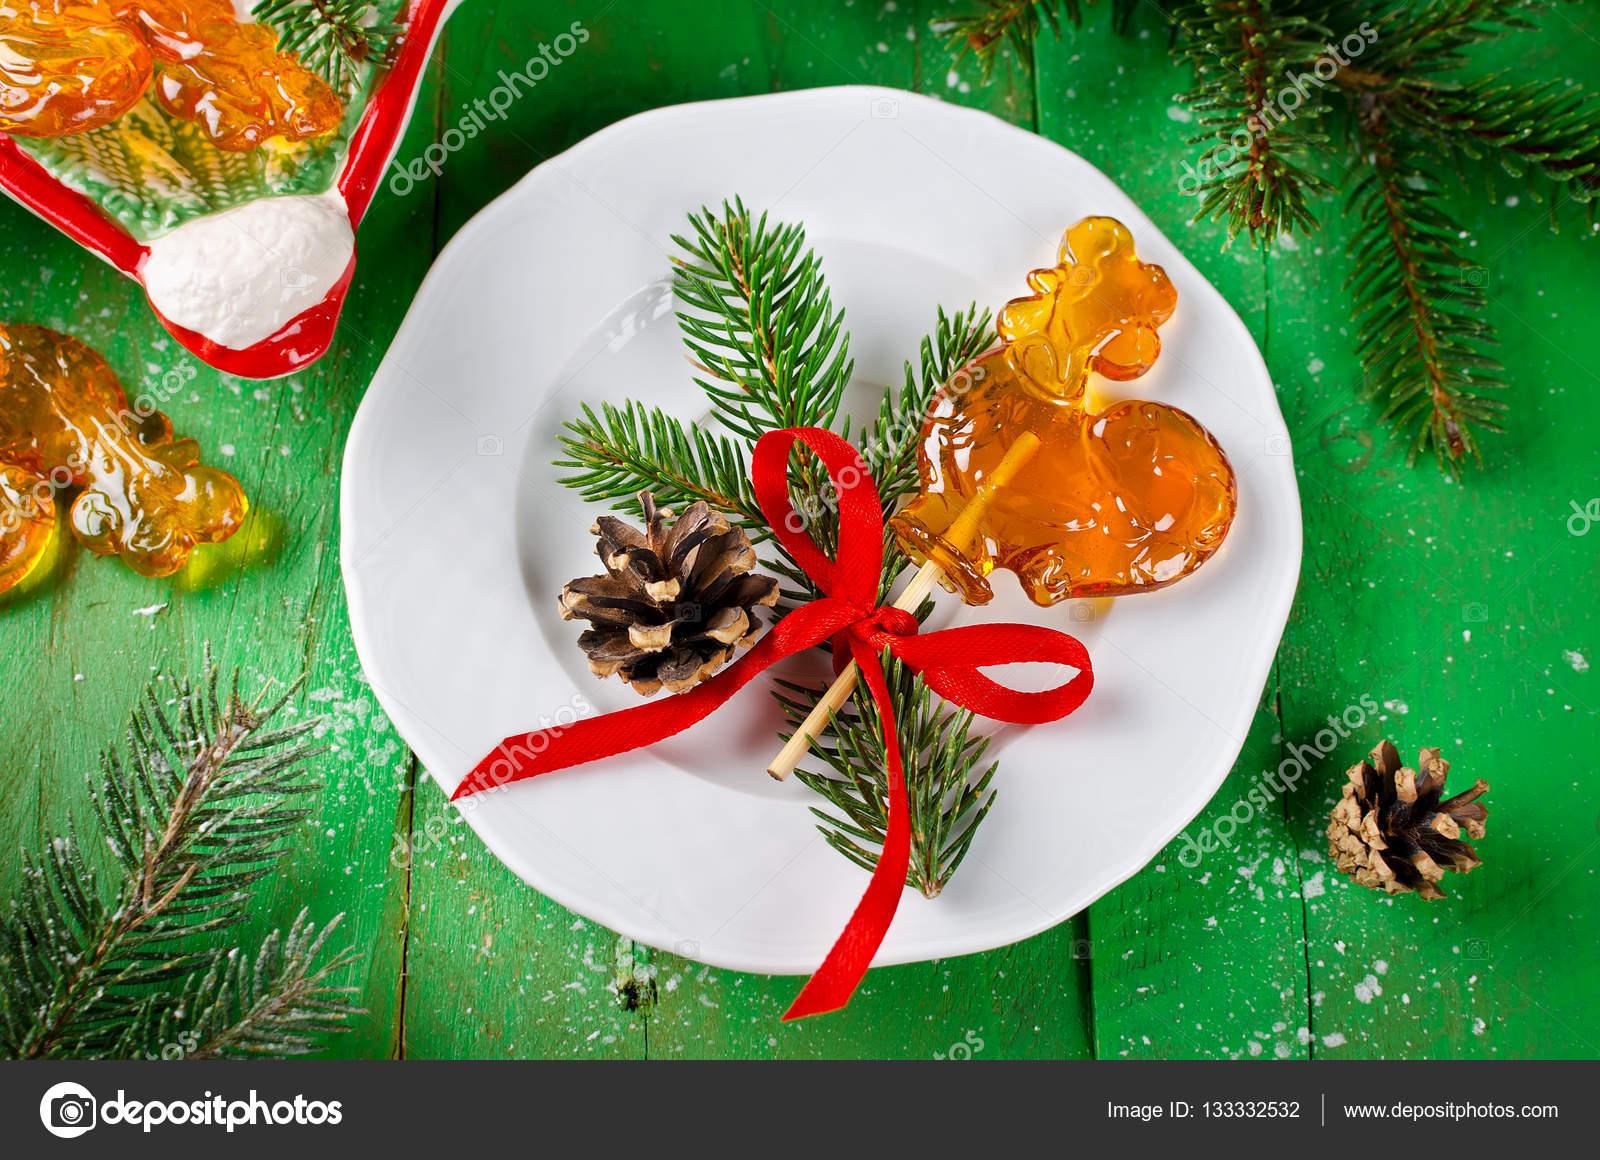 Новогодние рецепты 2017 новогодний стол рецепты на новый год с